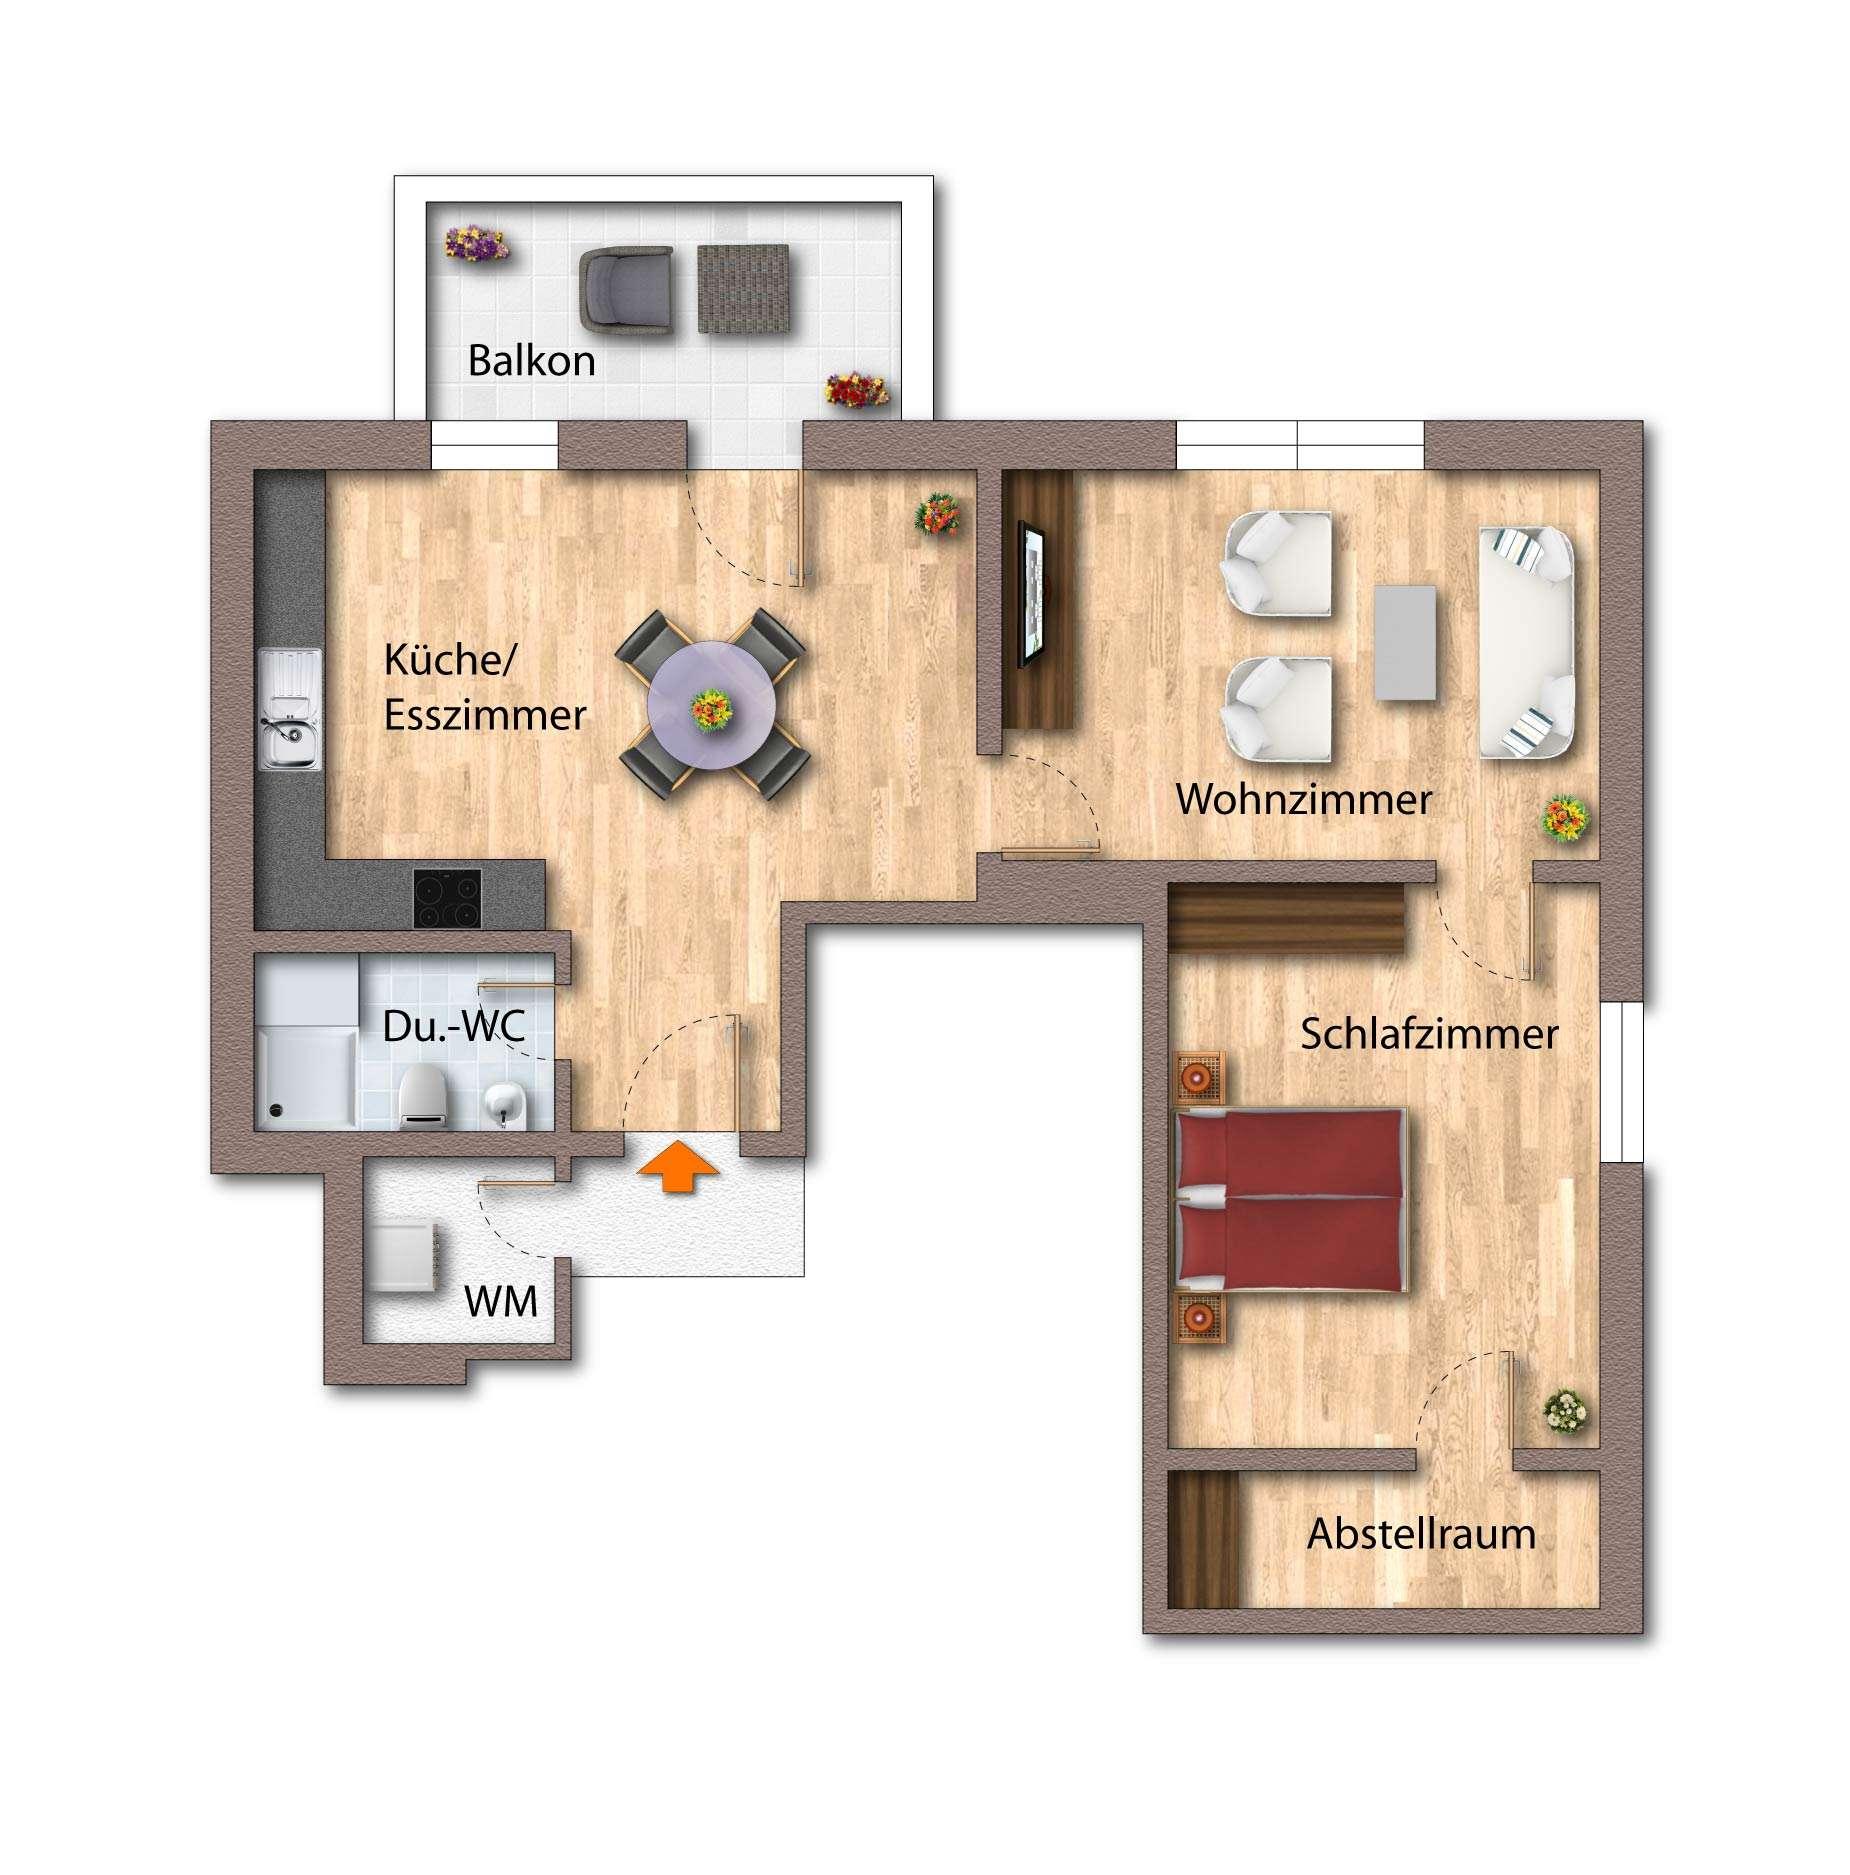 Geräumige 2-Zimmerwohnung im Zentrum von Deggendorf in